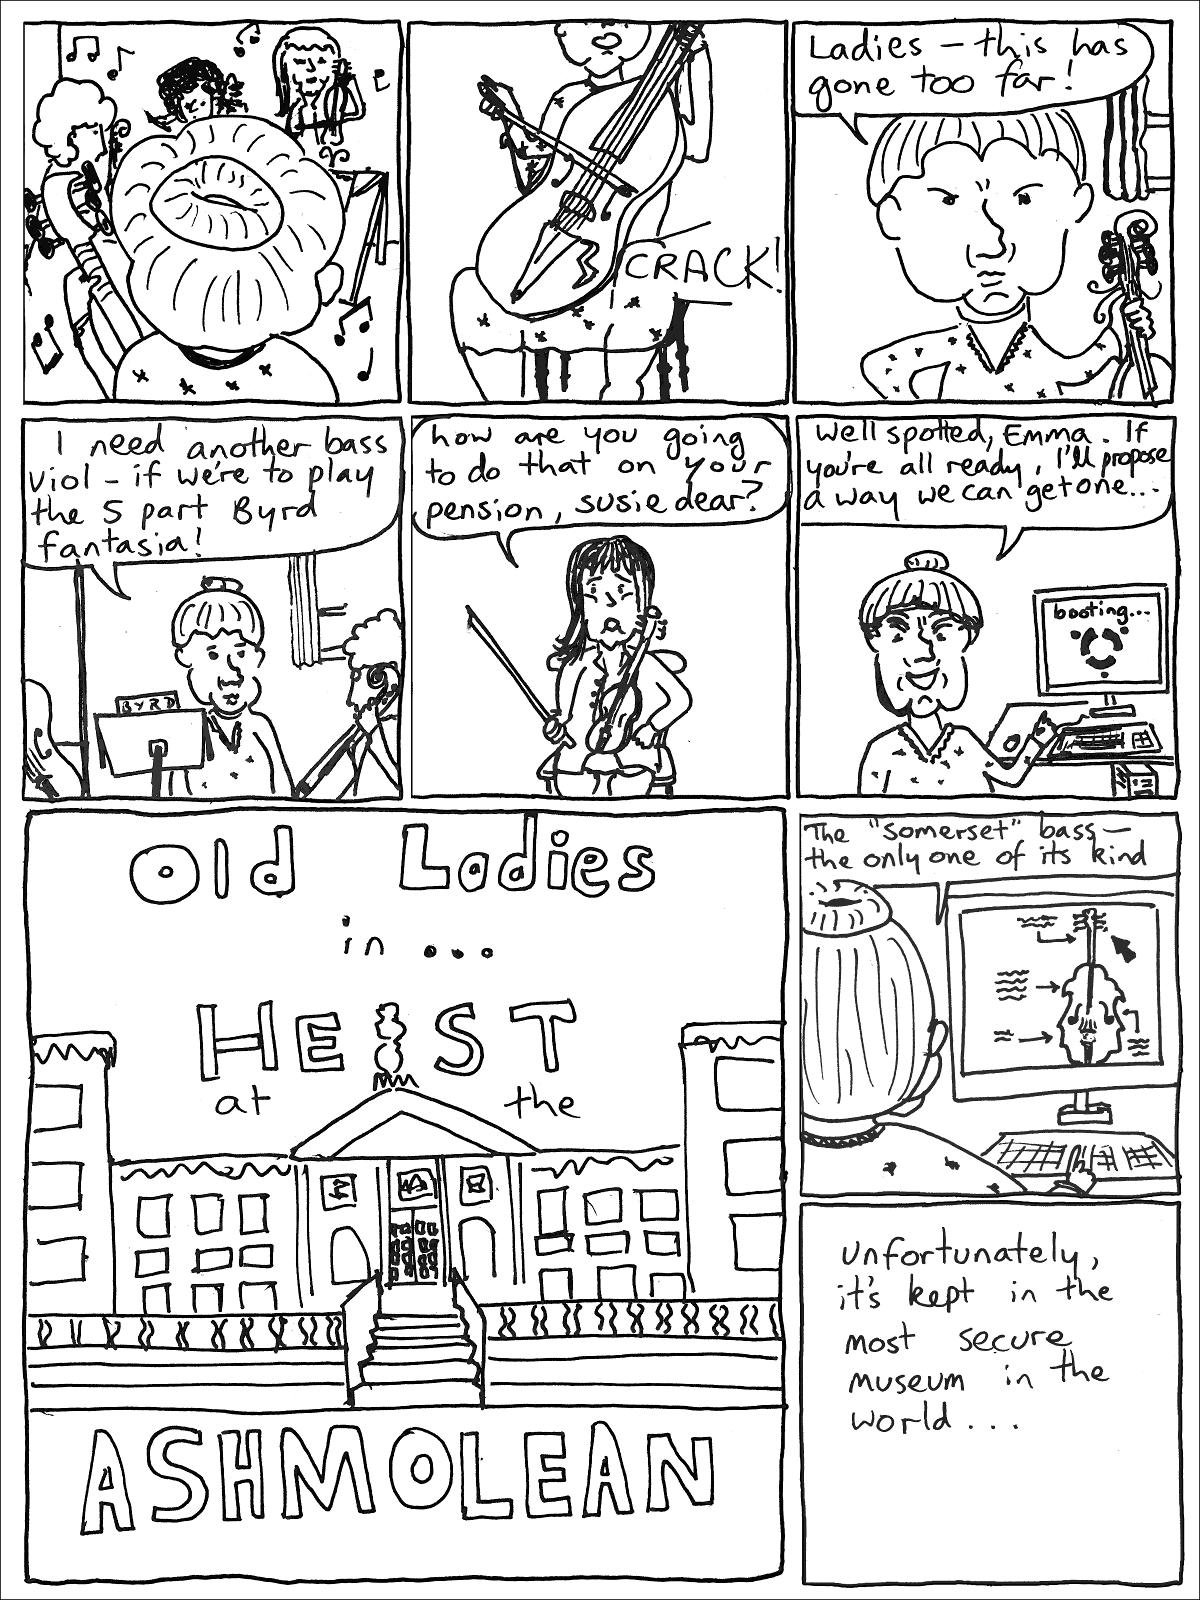 comic-2012-05-03-20120501_heist_1-8b83ea21.png